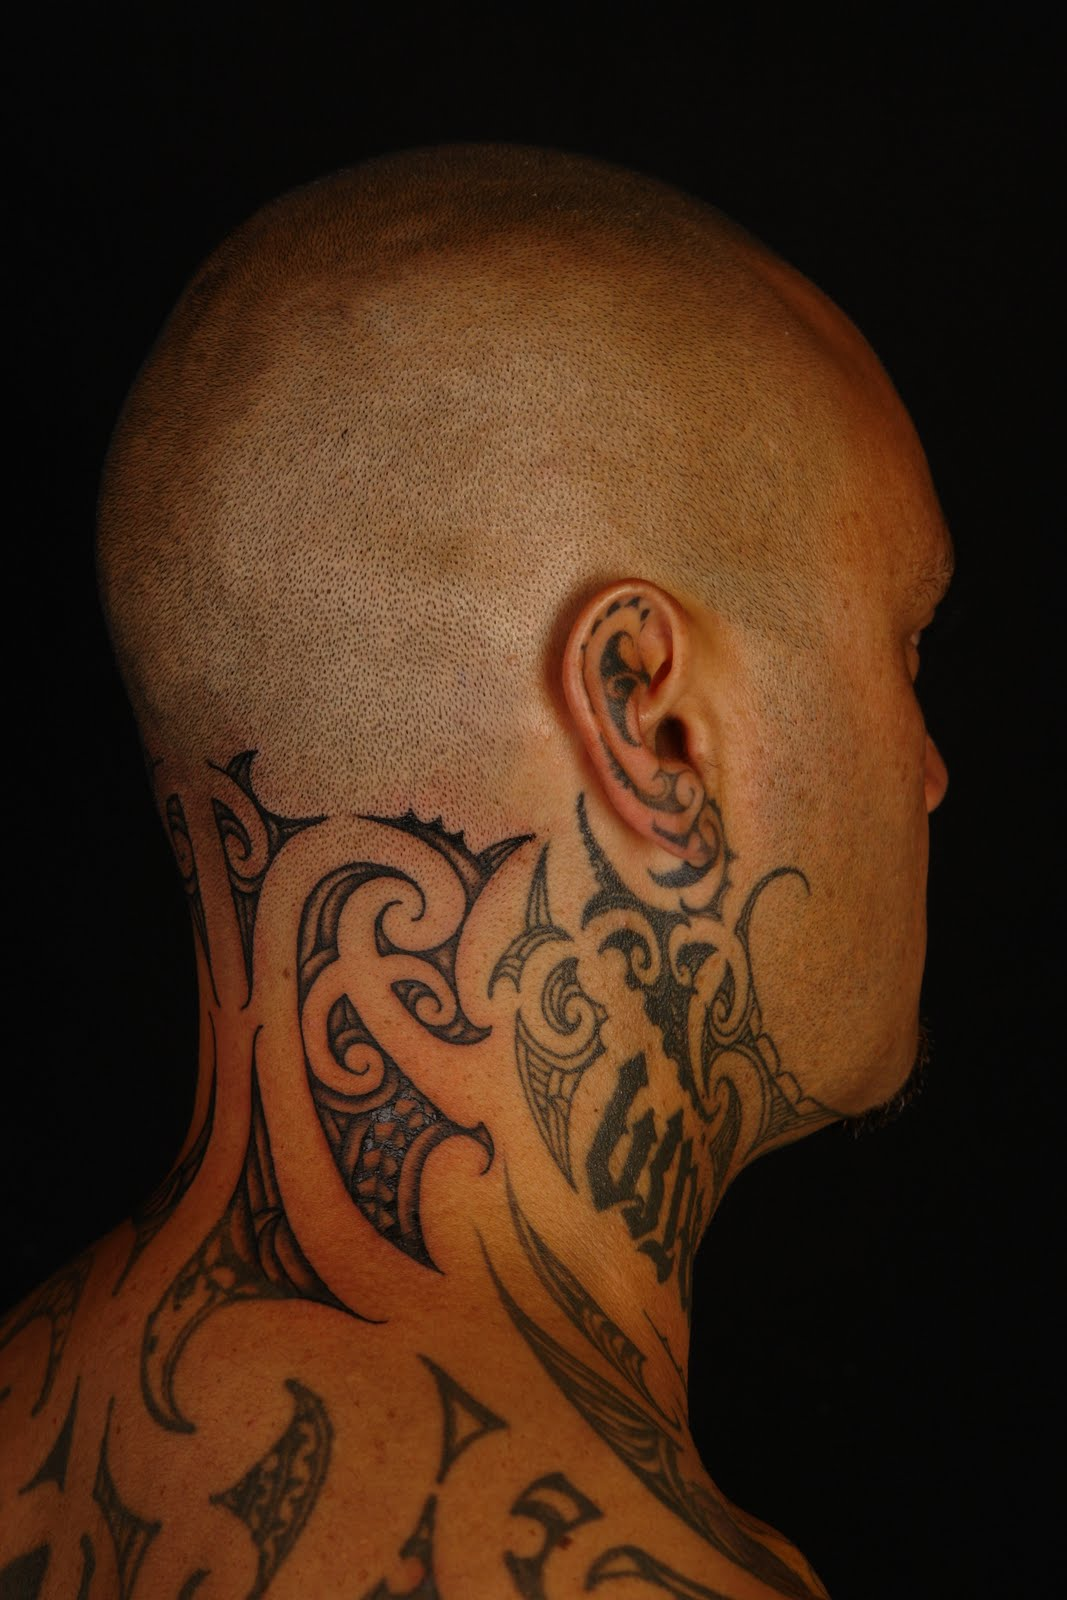 Polynesian Tiki Tattoo Designs: SHANE TATTOOS: Tiki Taane Neck Tattoo